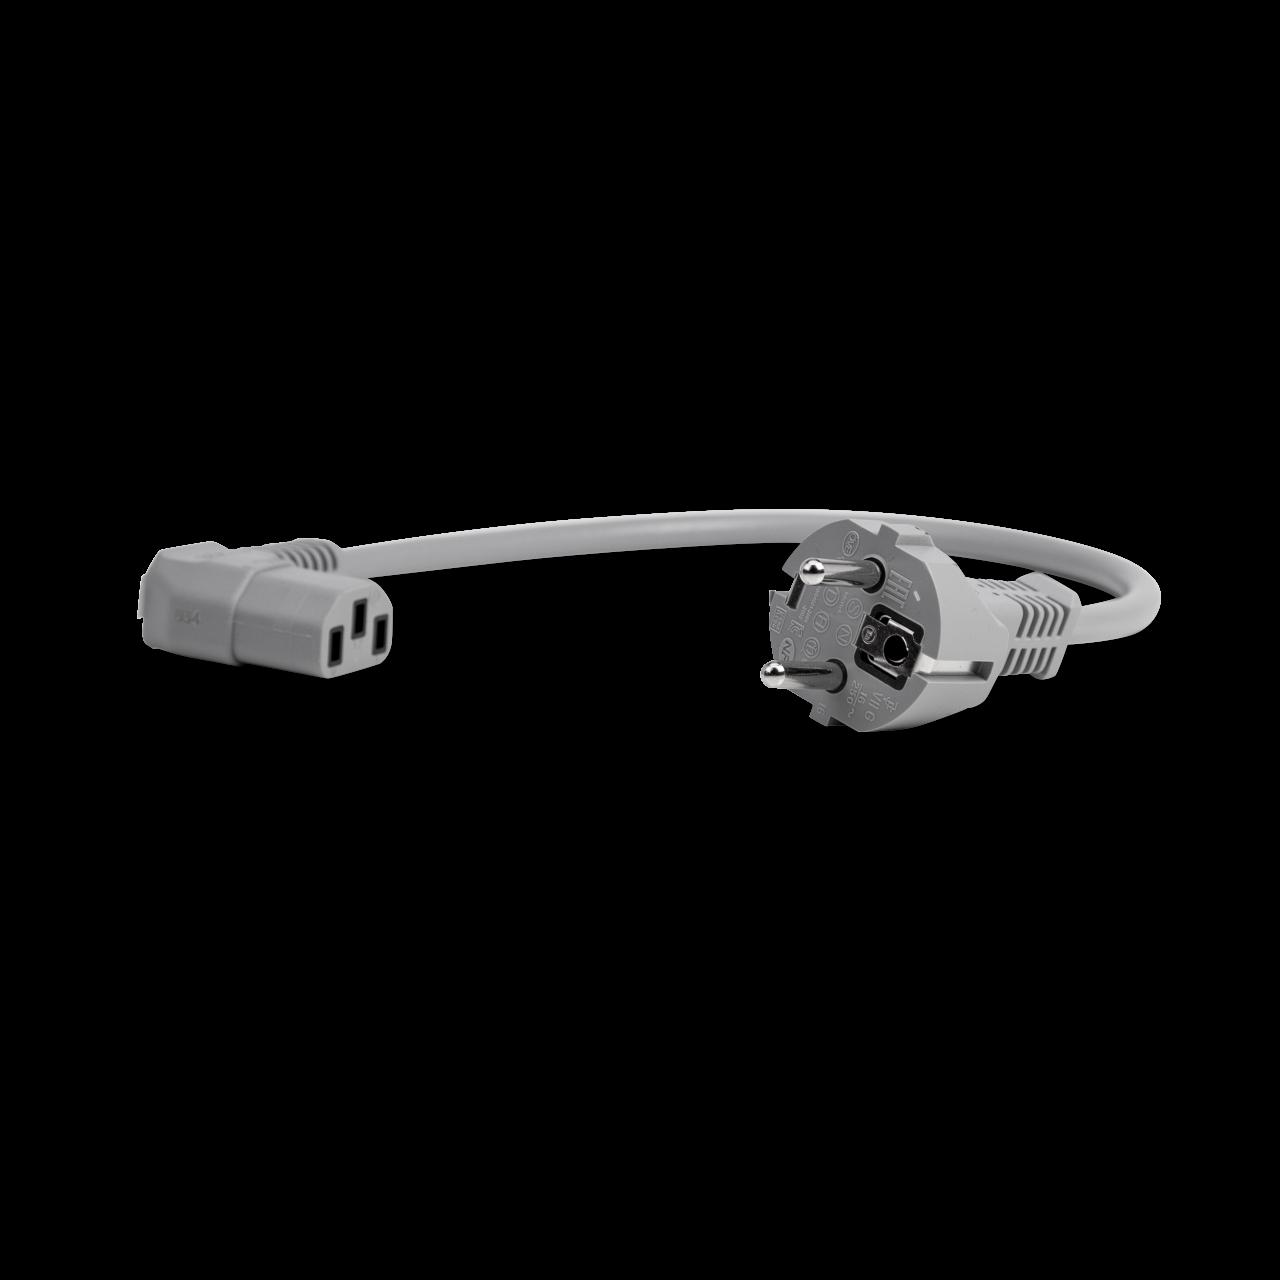 Netzkabel Koffer kurz für Baehr-Tec A700 (gerader Schuko-Stecker)